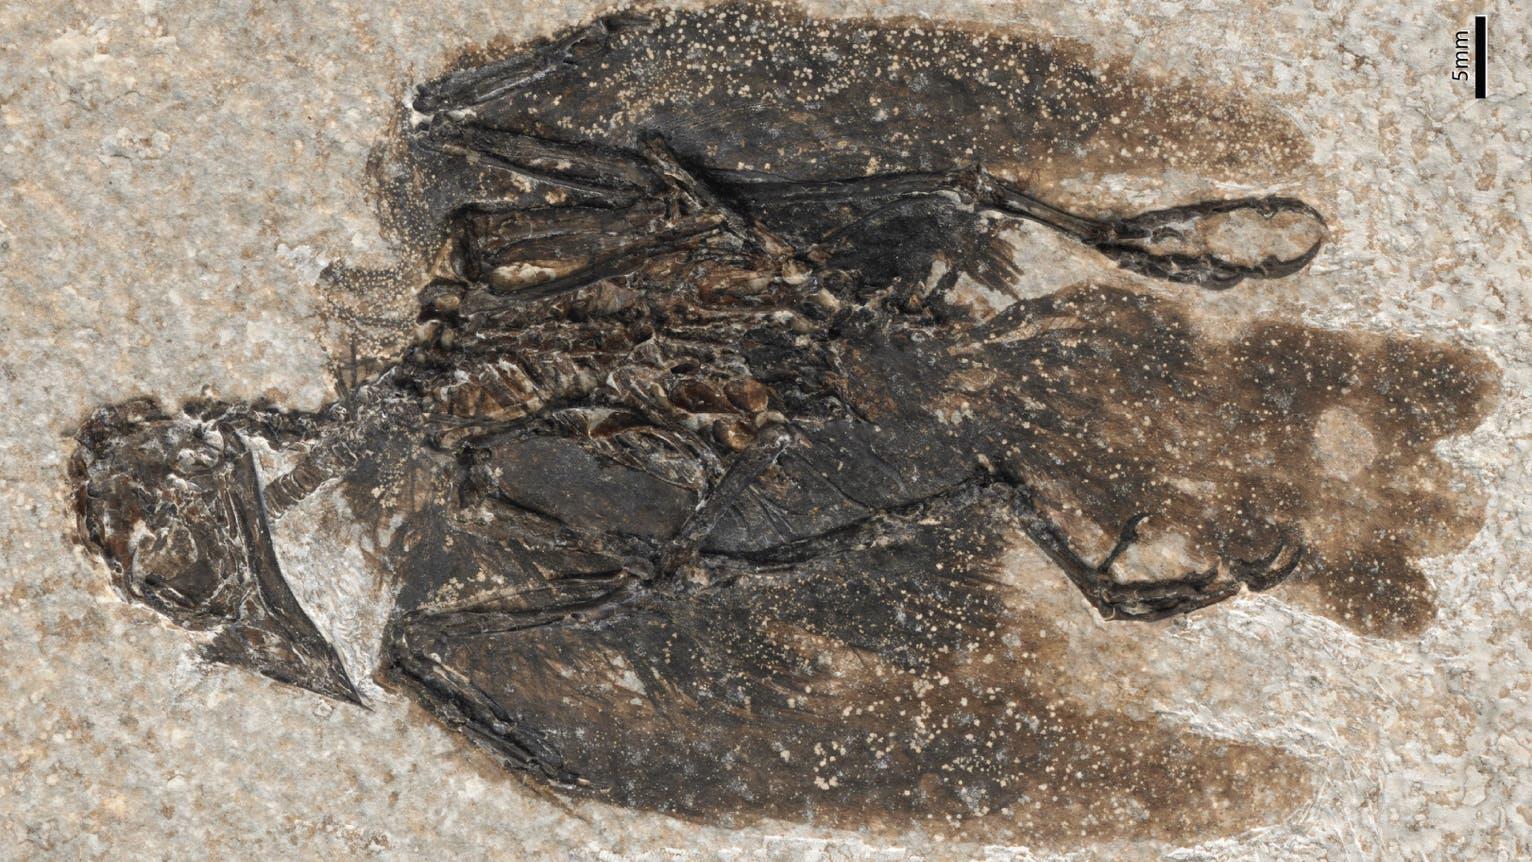 Eofringillirostrum parvulum